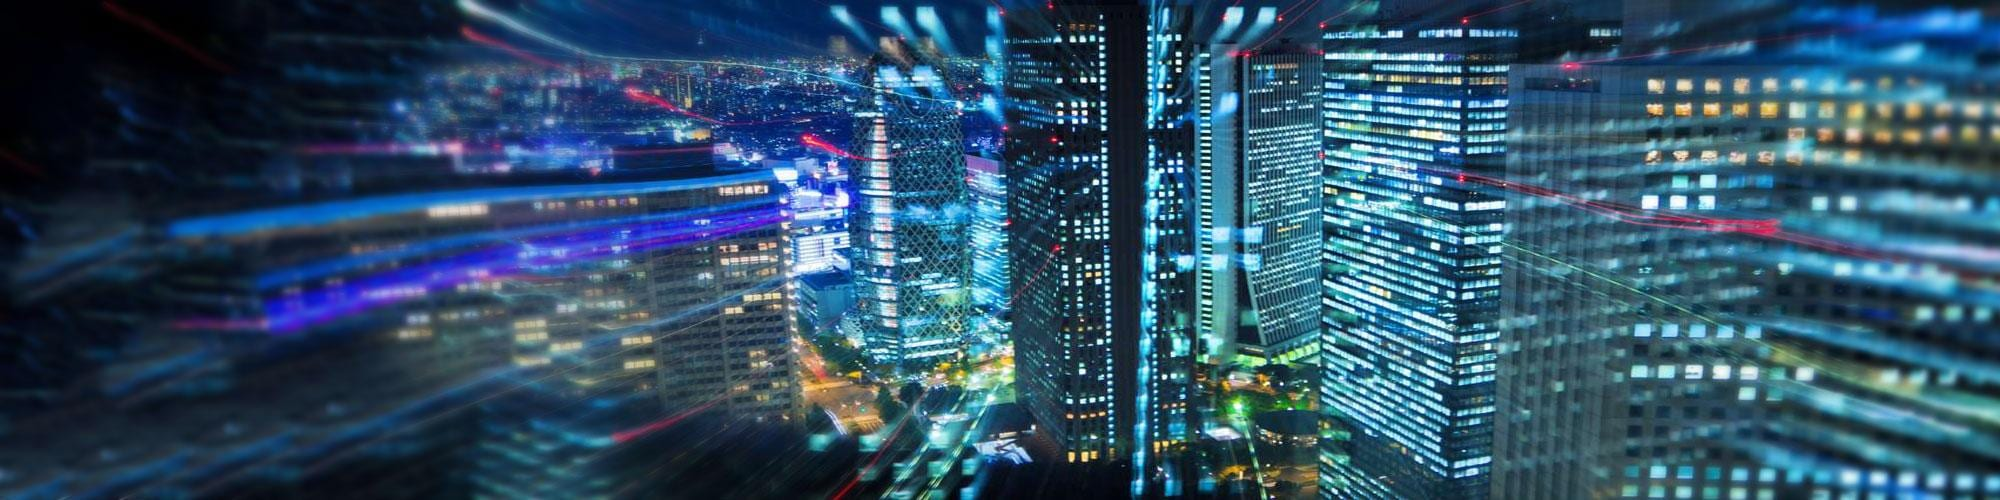 Pemandangan kota di malam hari